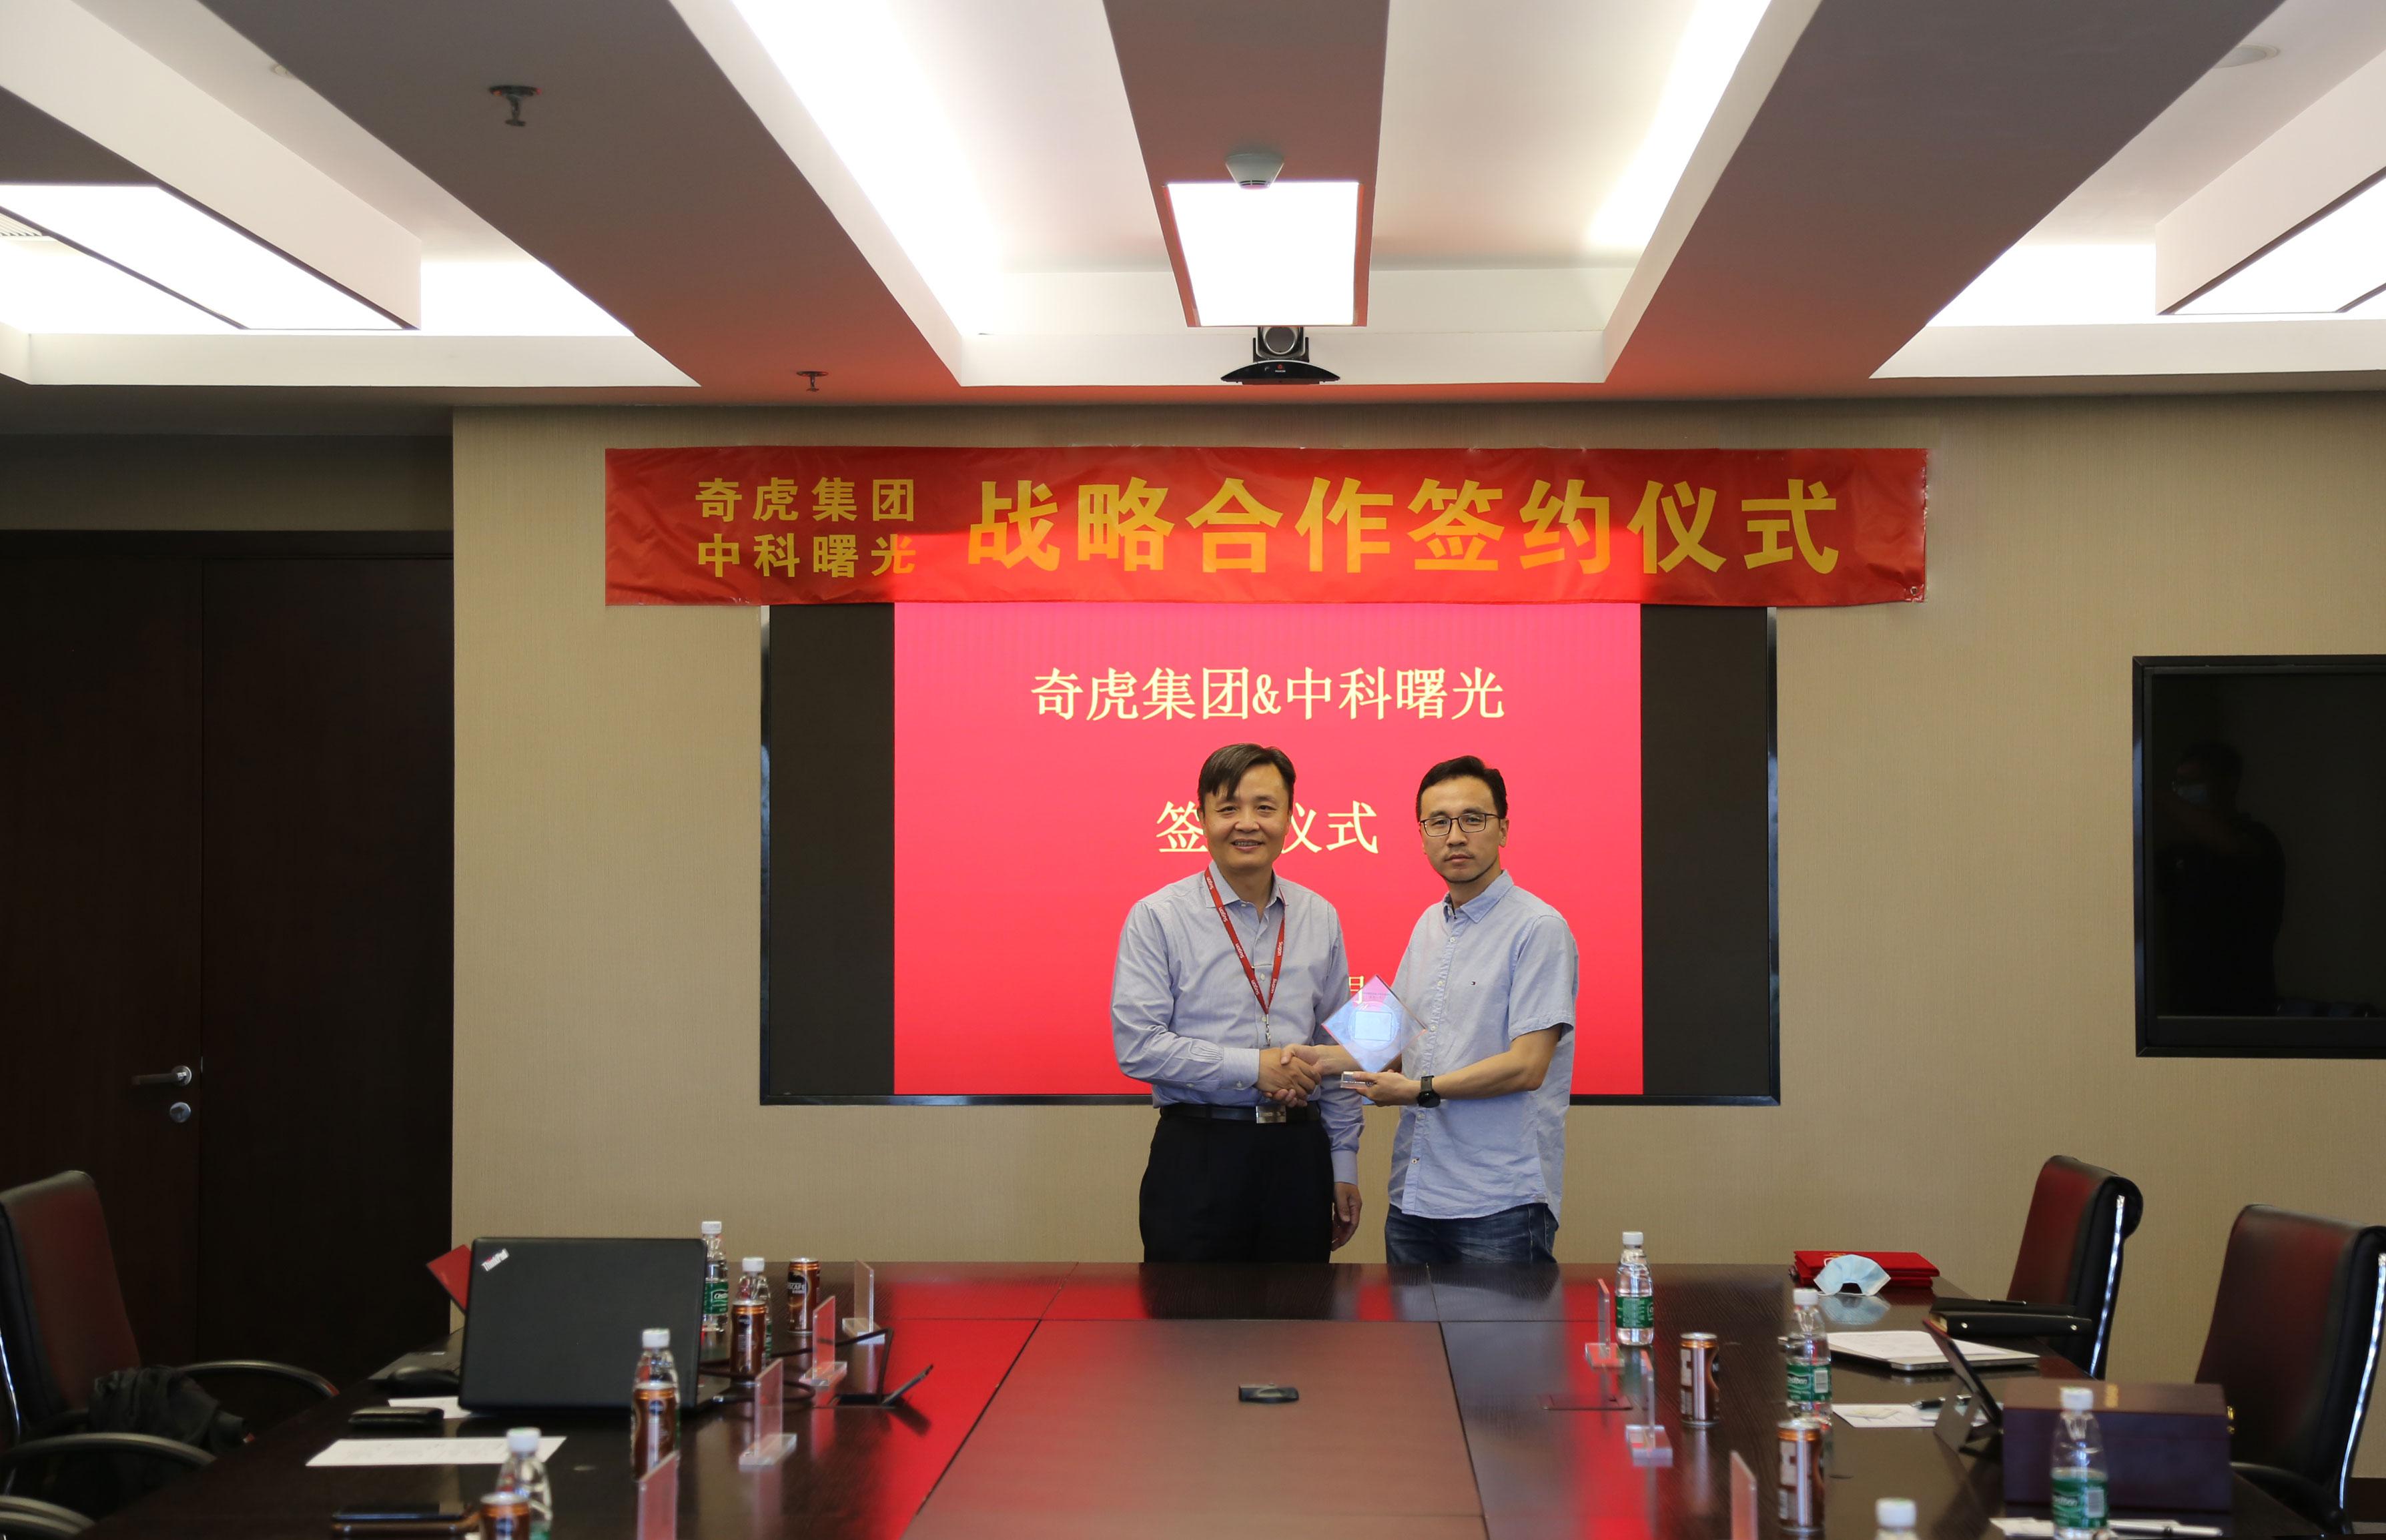 360集团与中科曙光战略签约 共同开拓产业互联网市场 赋能数字经济建设